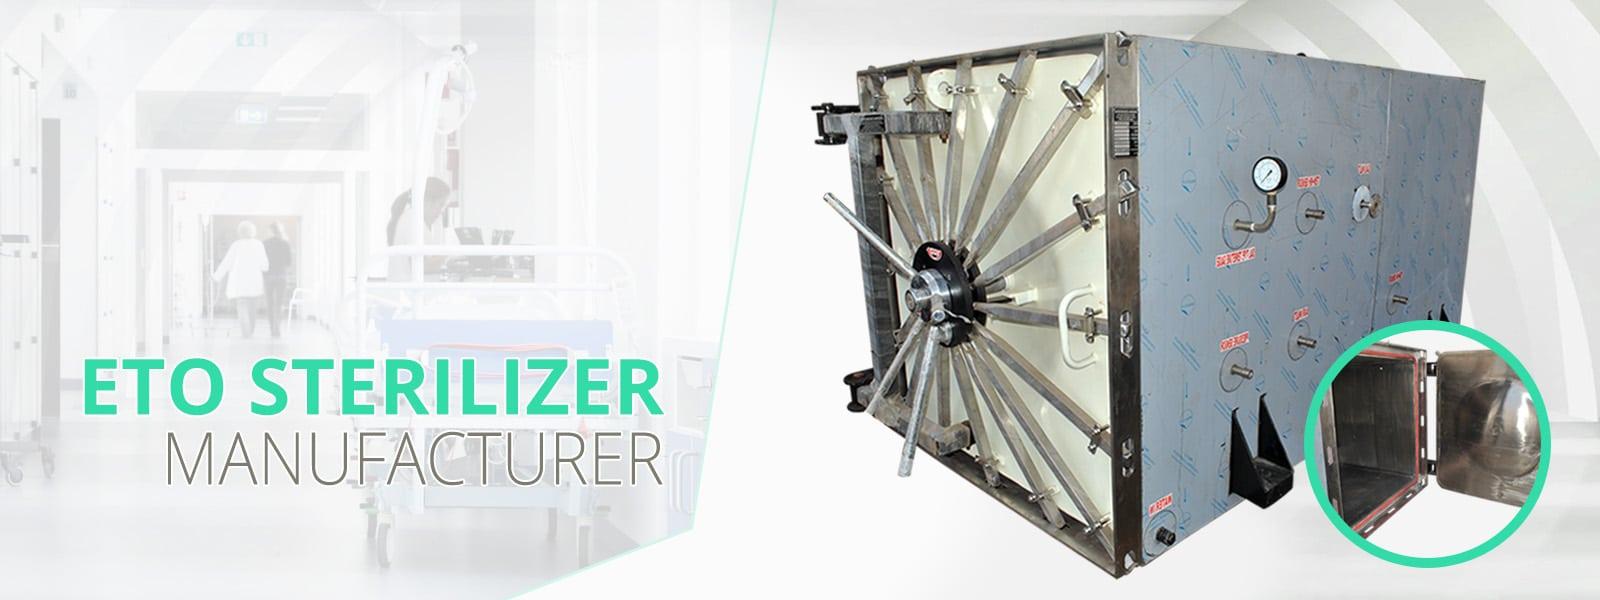 ETO sterilizer - We are offering a comprehensive range of ETO Sterilizer in India